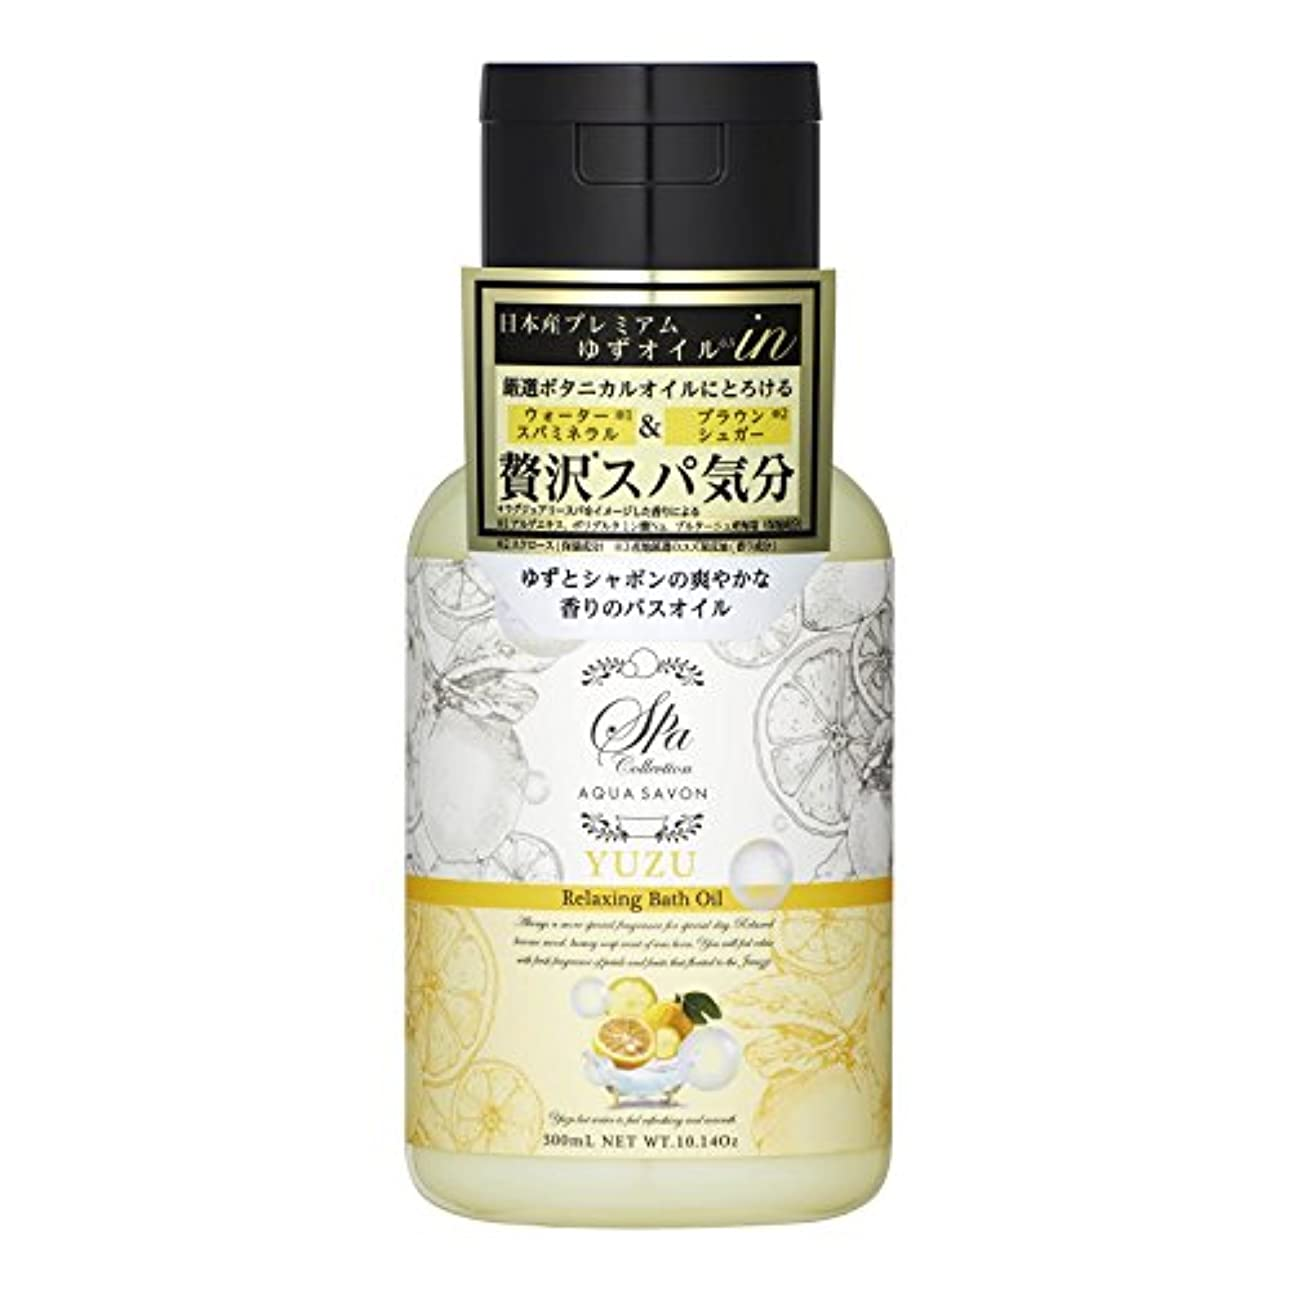 マーティンルーサーキングジュニアに対処するエピソードアクアシャボン スパコレクション リラクシングバスオイル ゆずスパの香り 300mL